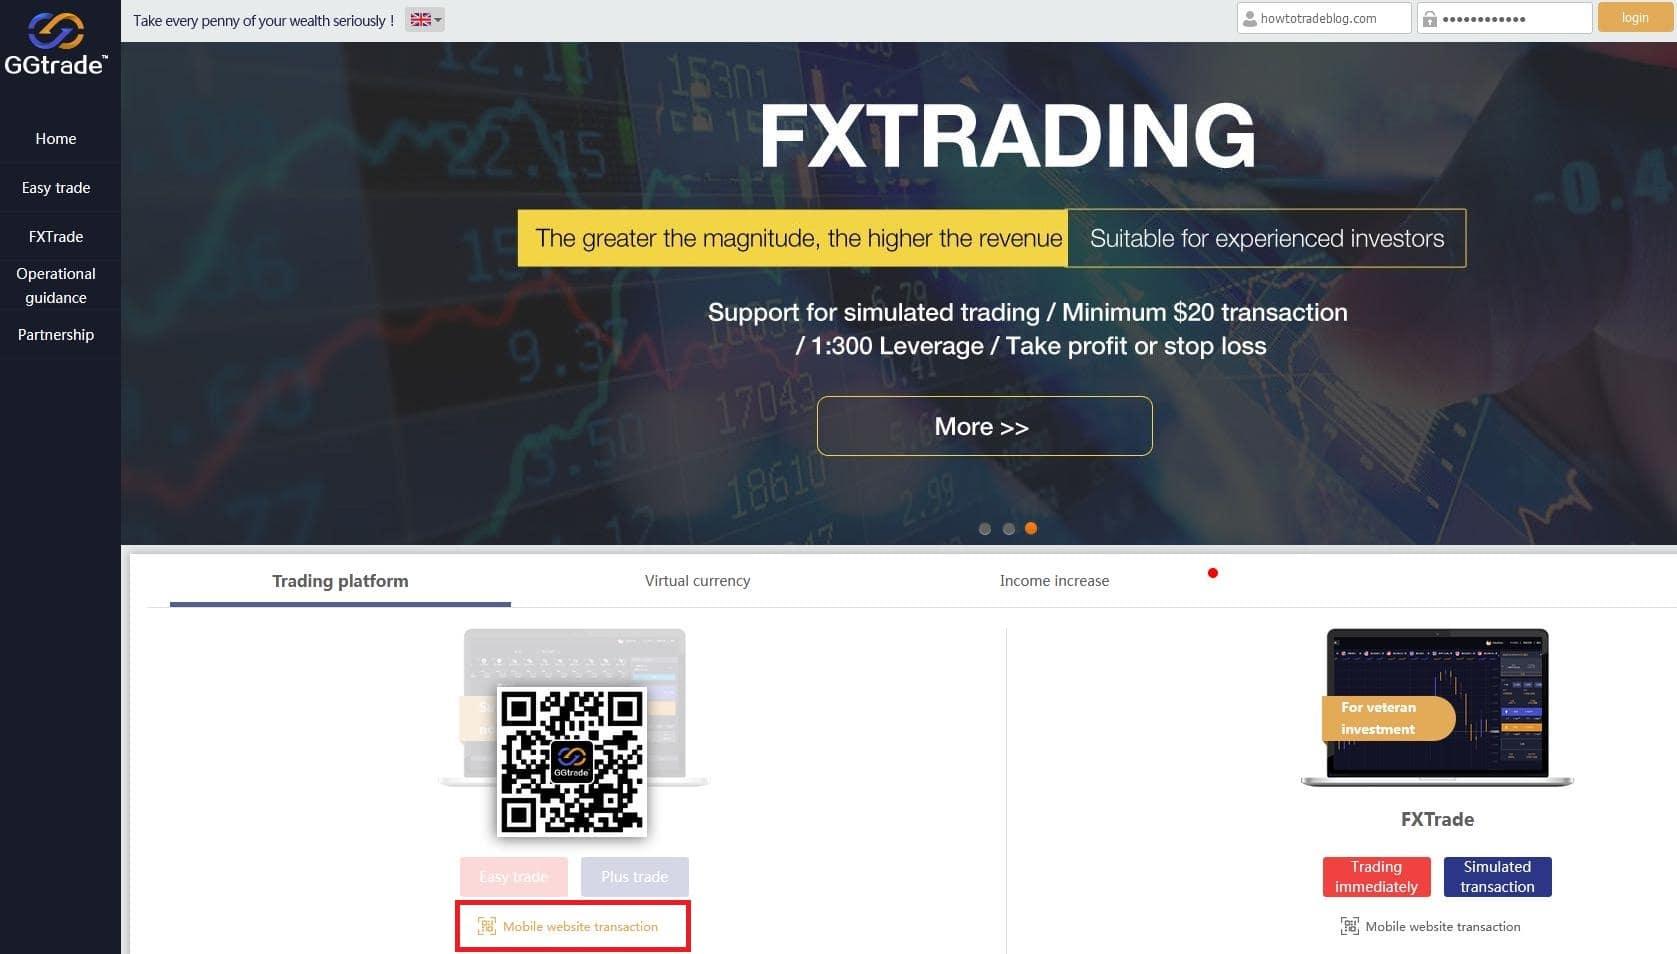 Quét mã QR để tải ứng dụng của sàn GGtrade